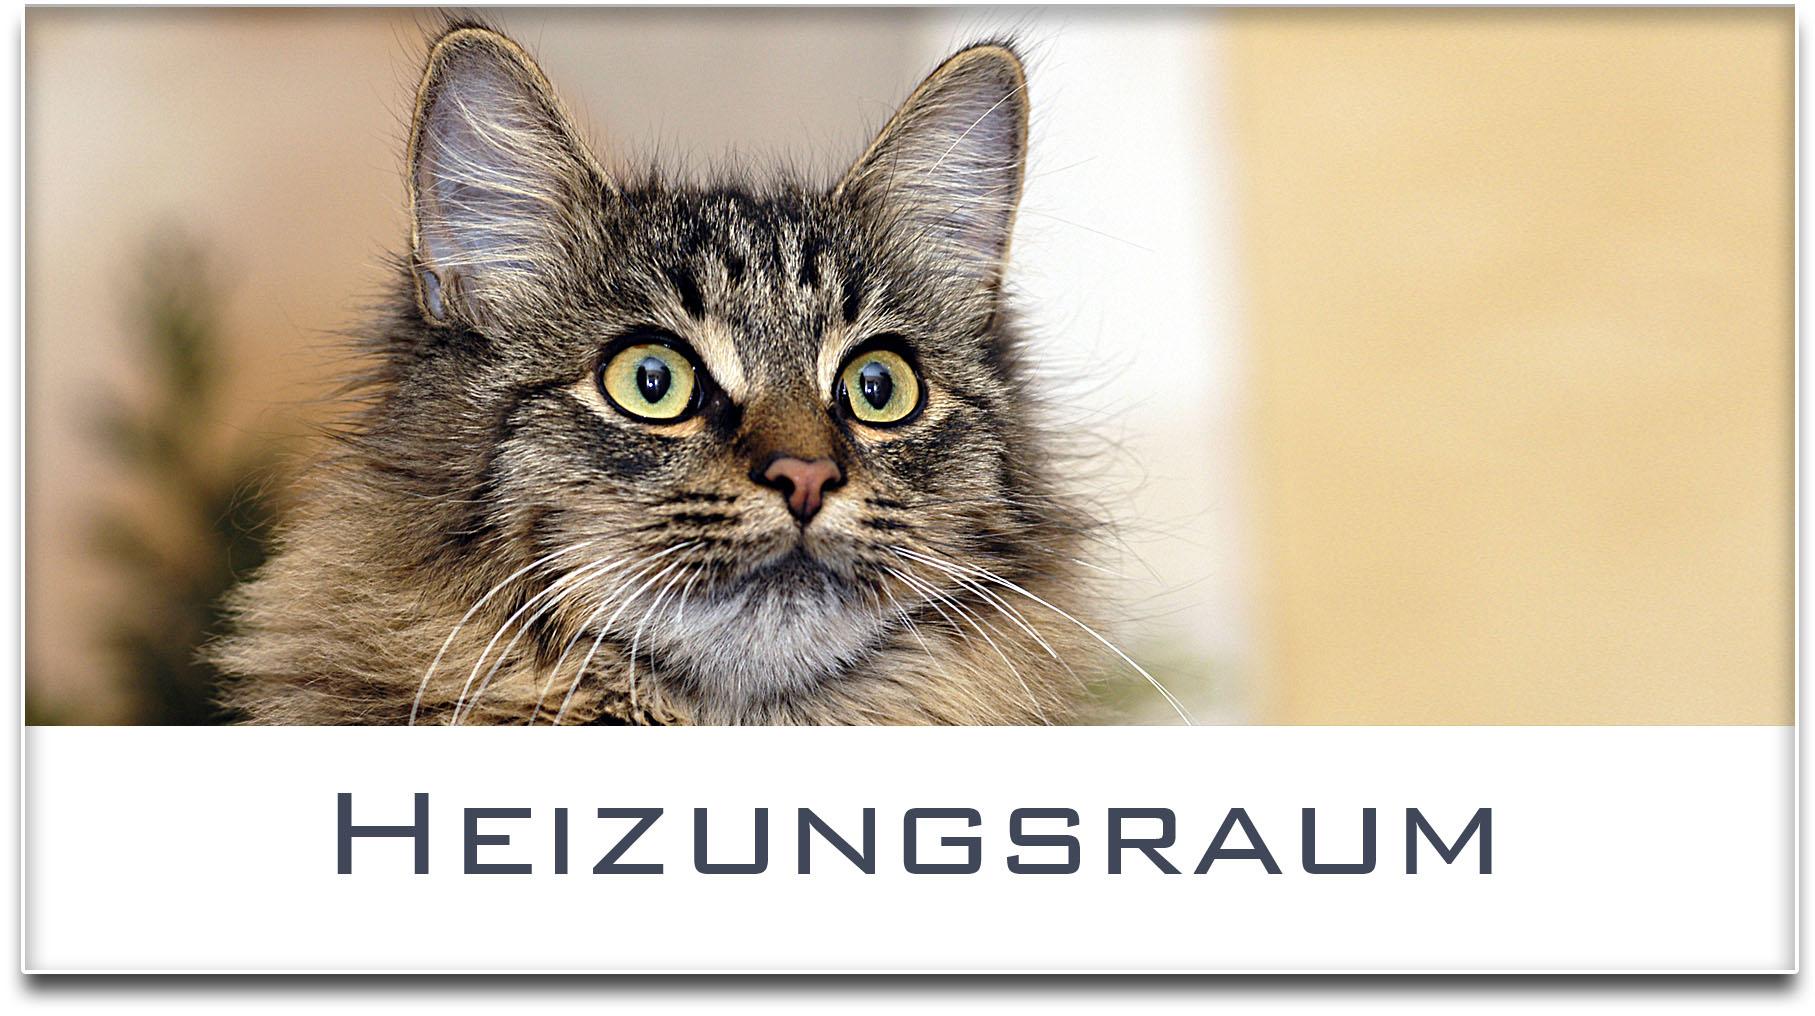 Türschild / Haustürschild / Katze / Heizungsraum / Selbstklebend